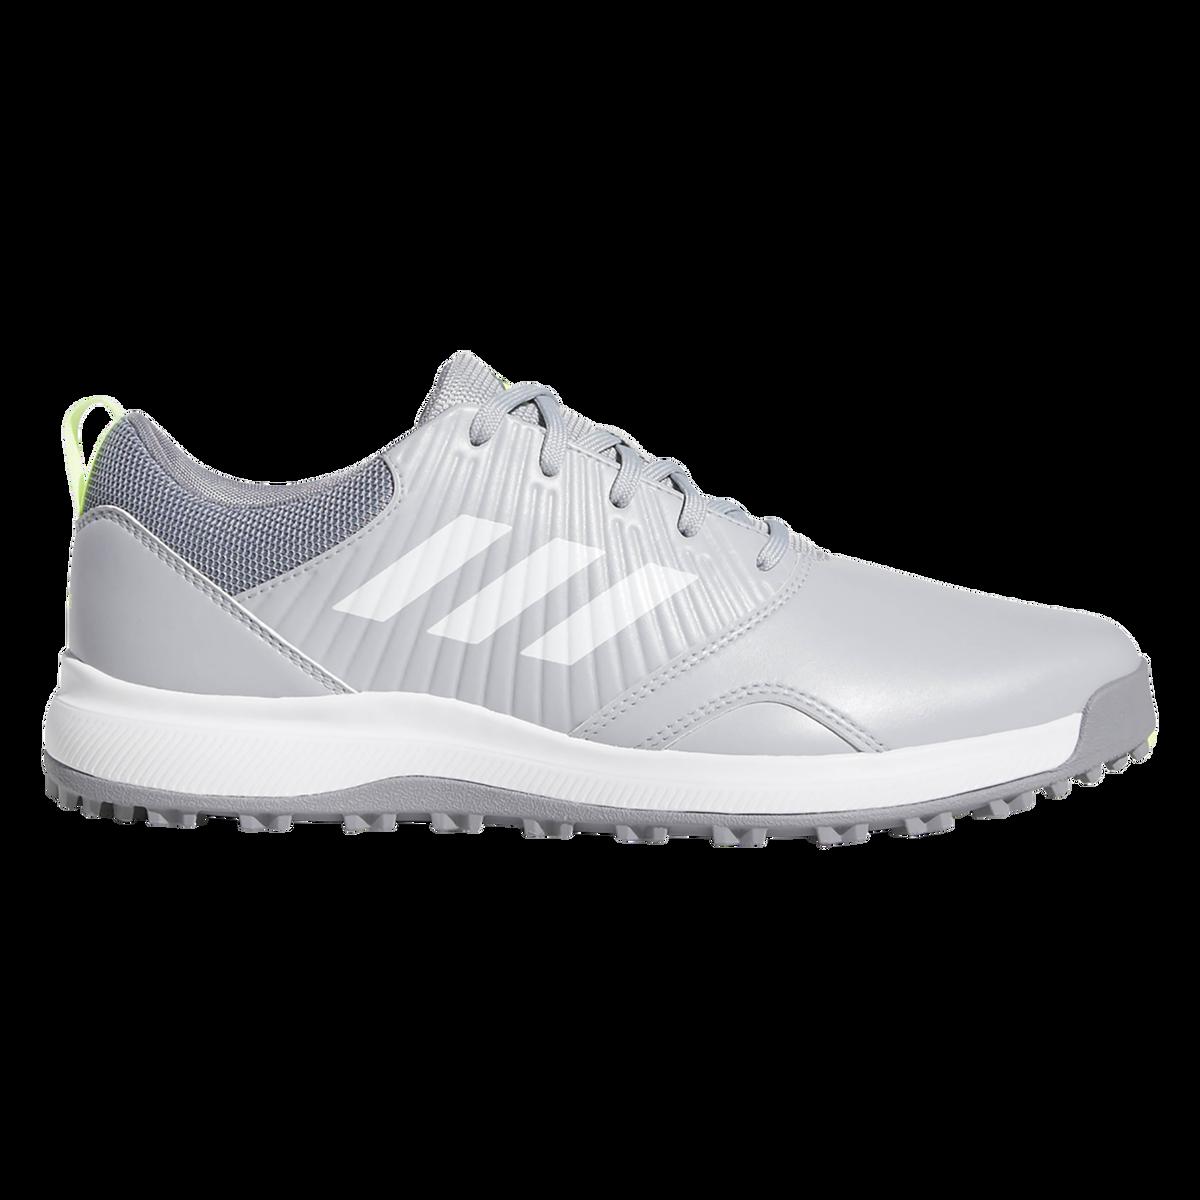 bd69f07c7146 Images. CP Traxion SL Men  39 s Golf Shoe ...